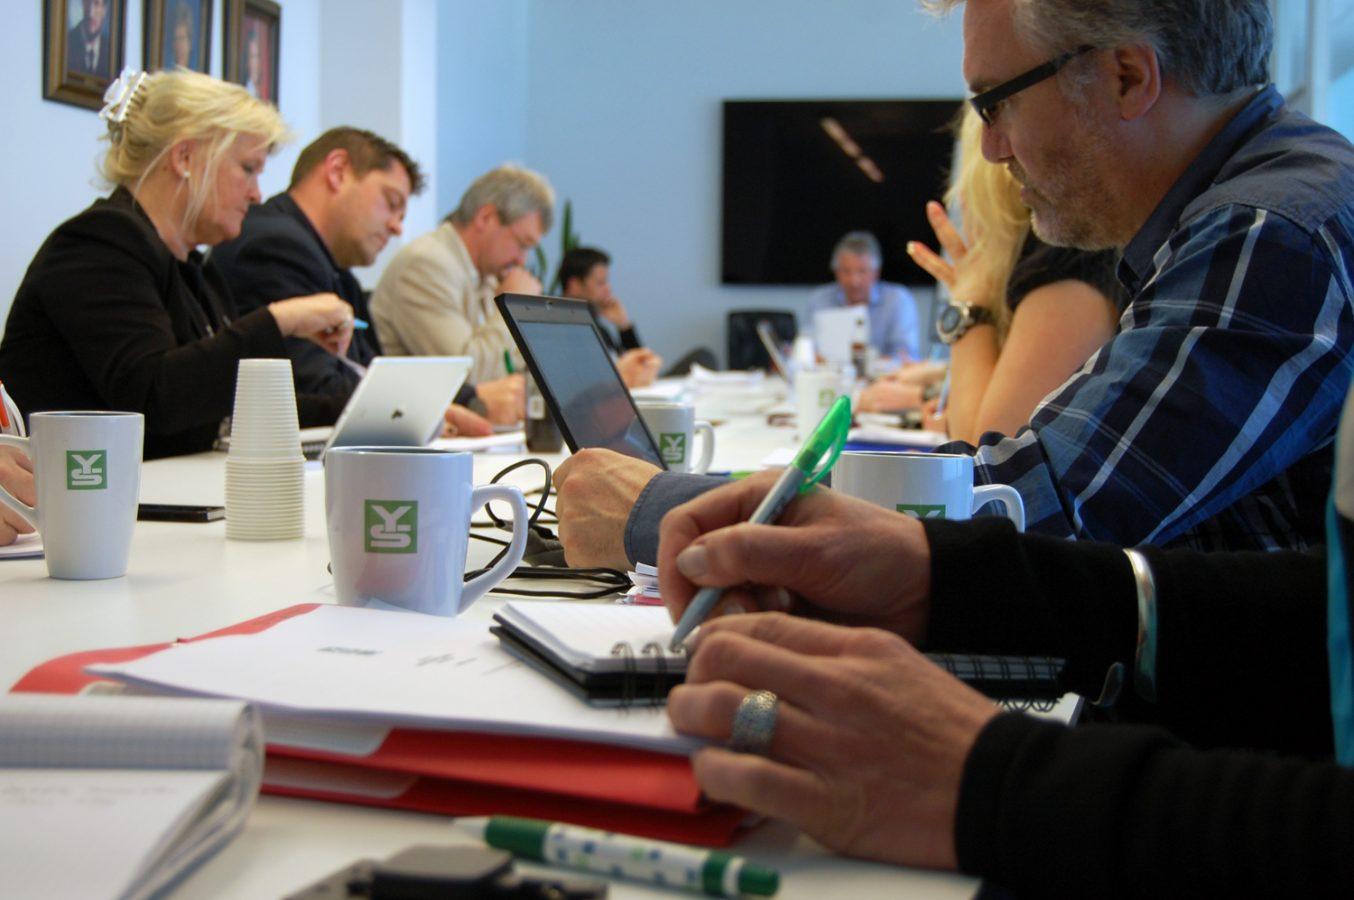 Kvinner og menn sitter rundt et bord og jobber. På bordet står kopper med logoen til YS.